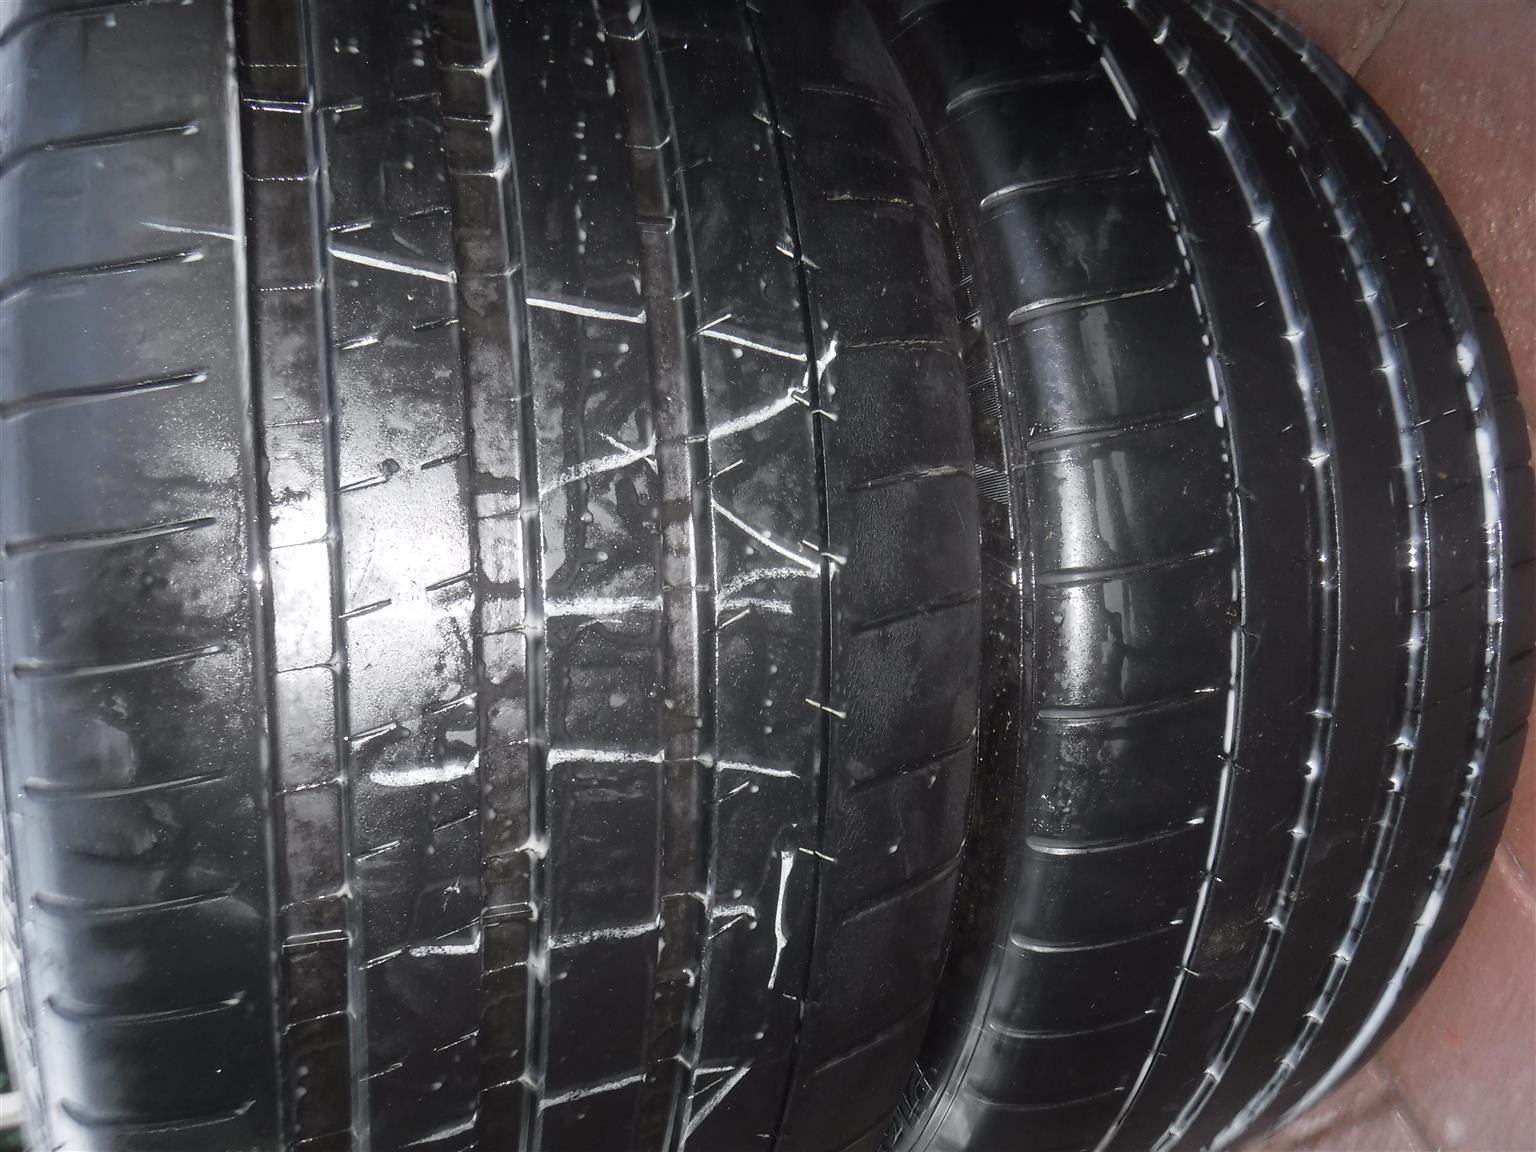 2xMichelin Pilot Supersport 265/35/20,80% thread